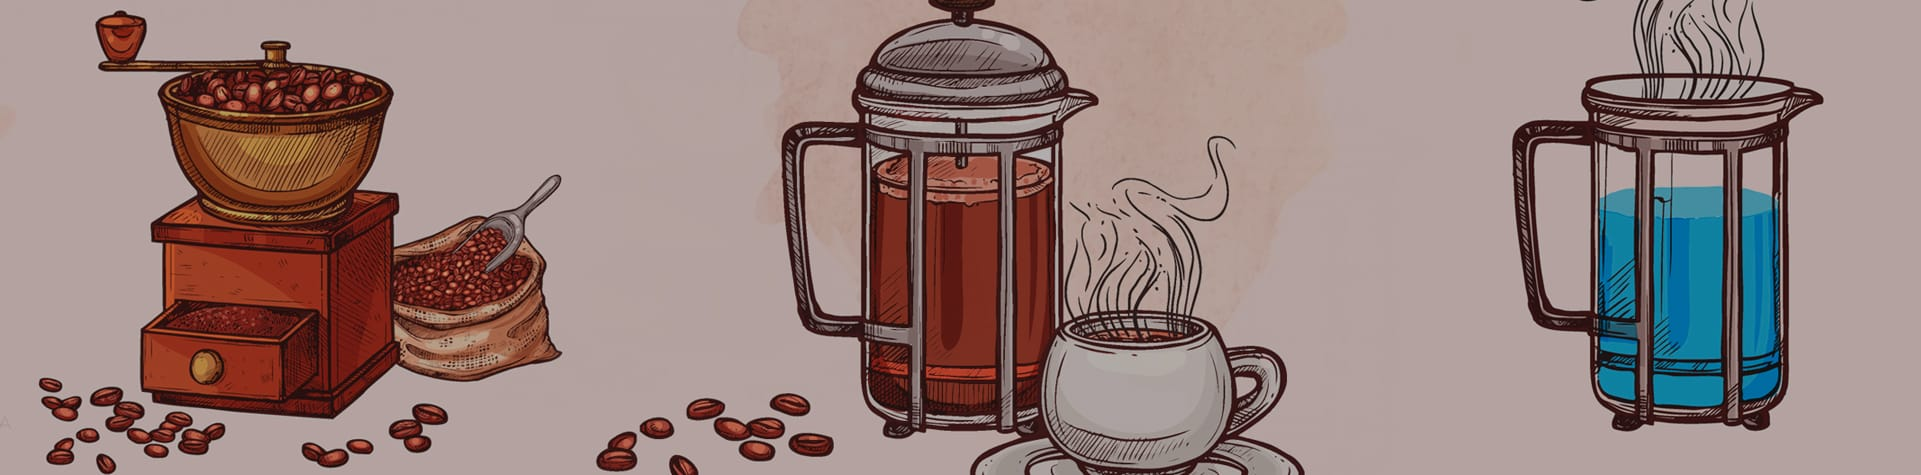 Café en cafetera prensa francesa | Bonka